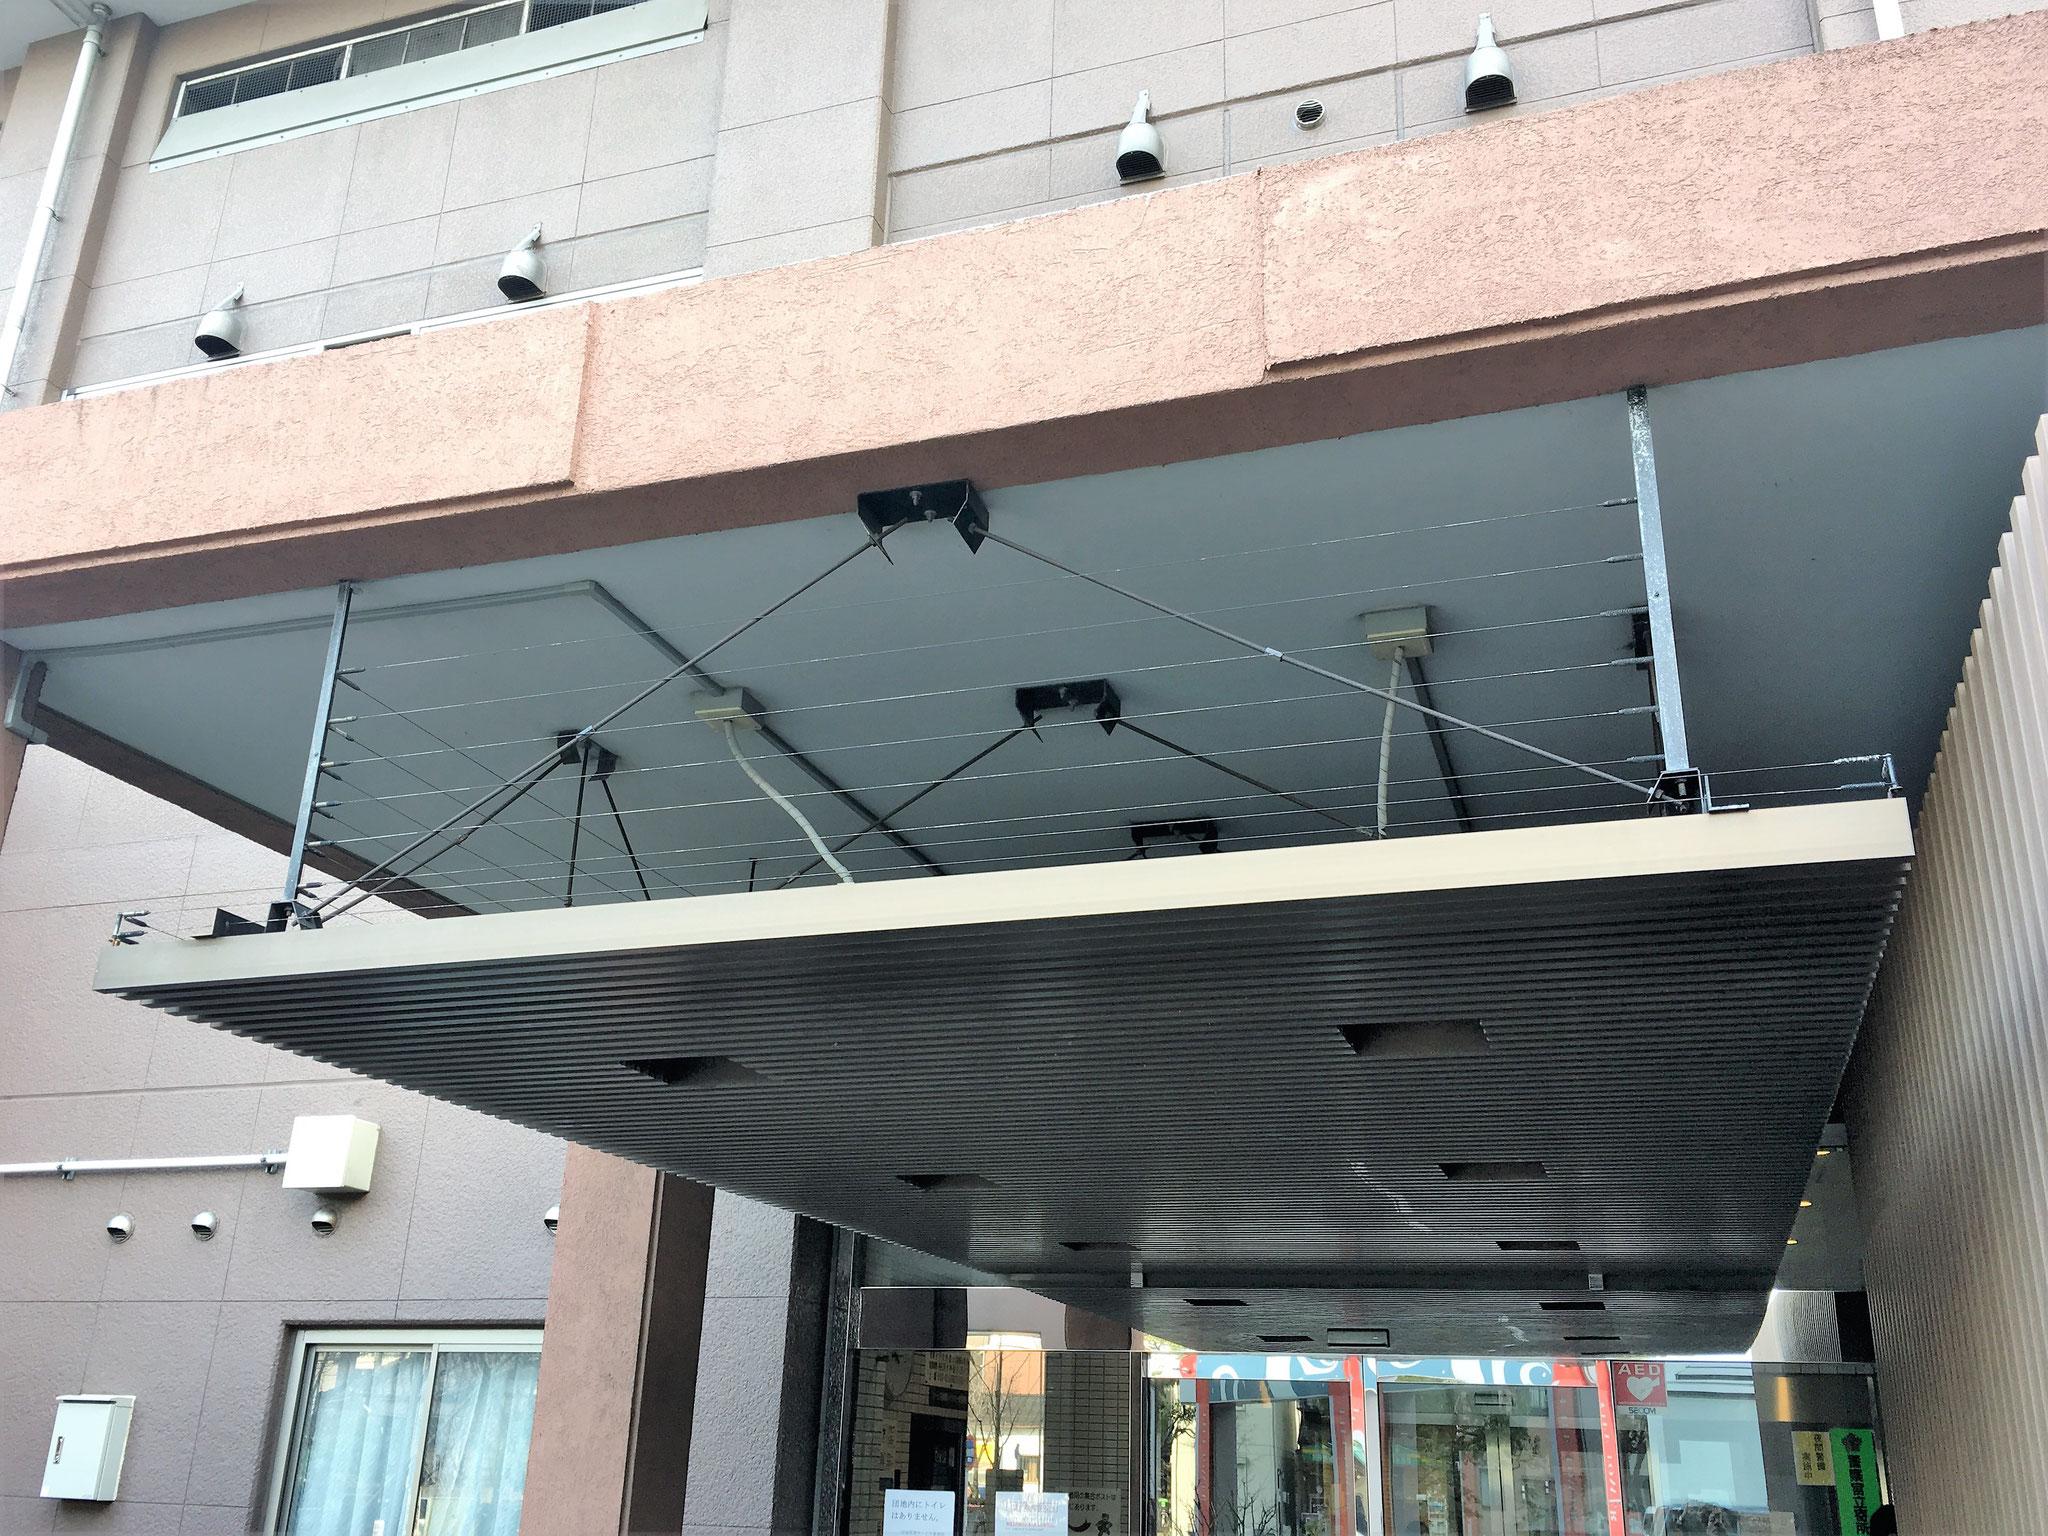 リバーピア吾妻橋ライフタワー / 東京都墨田区/2009.10.9